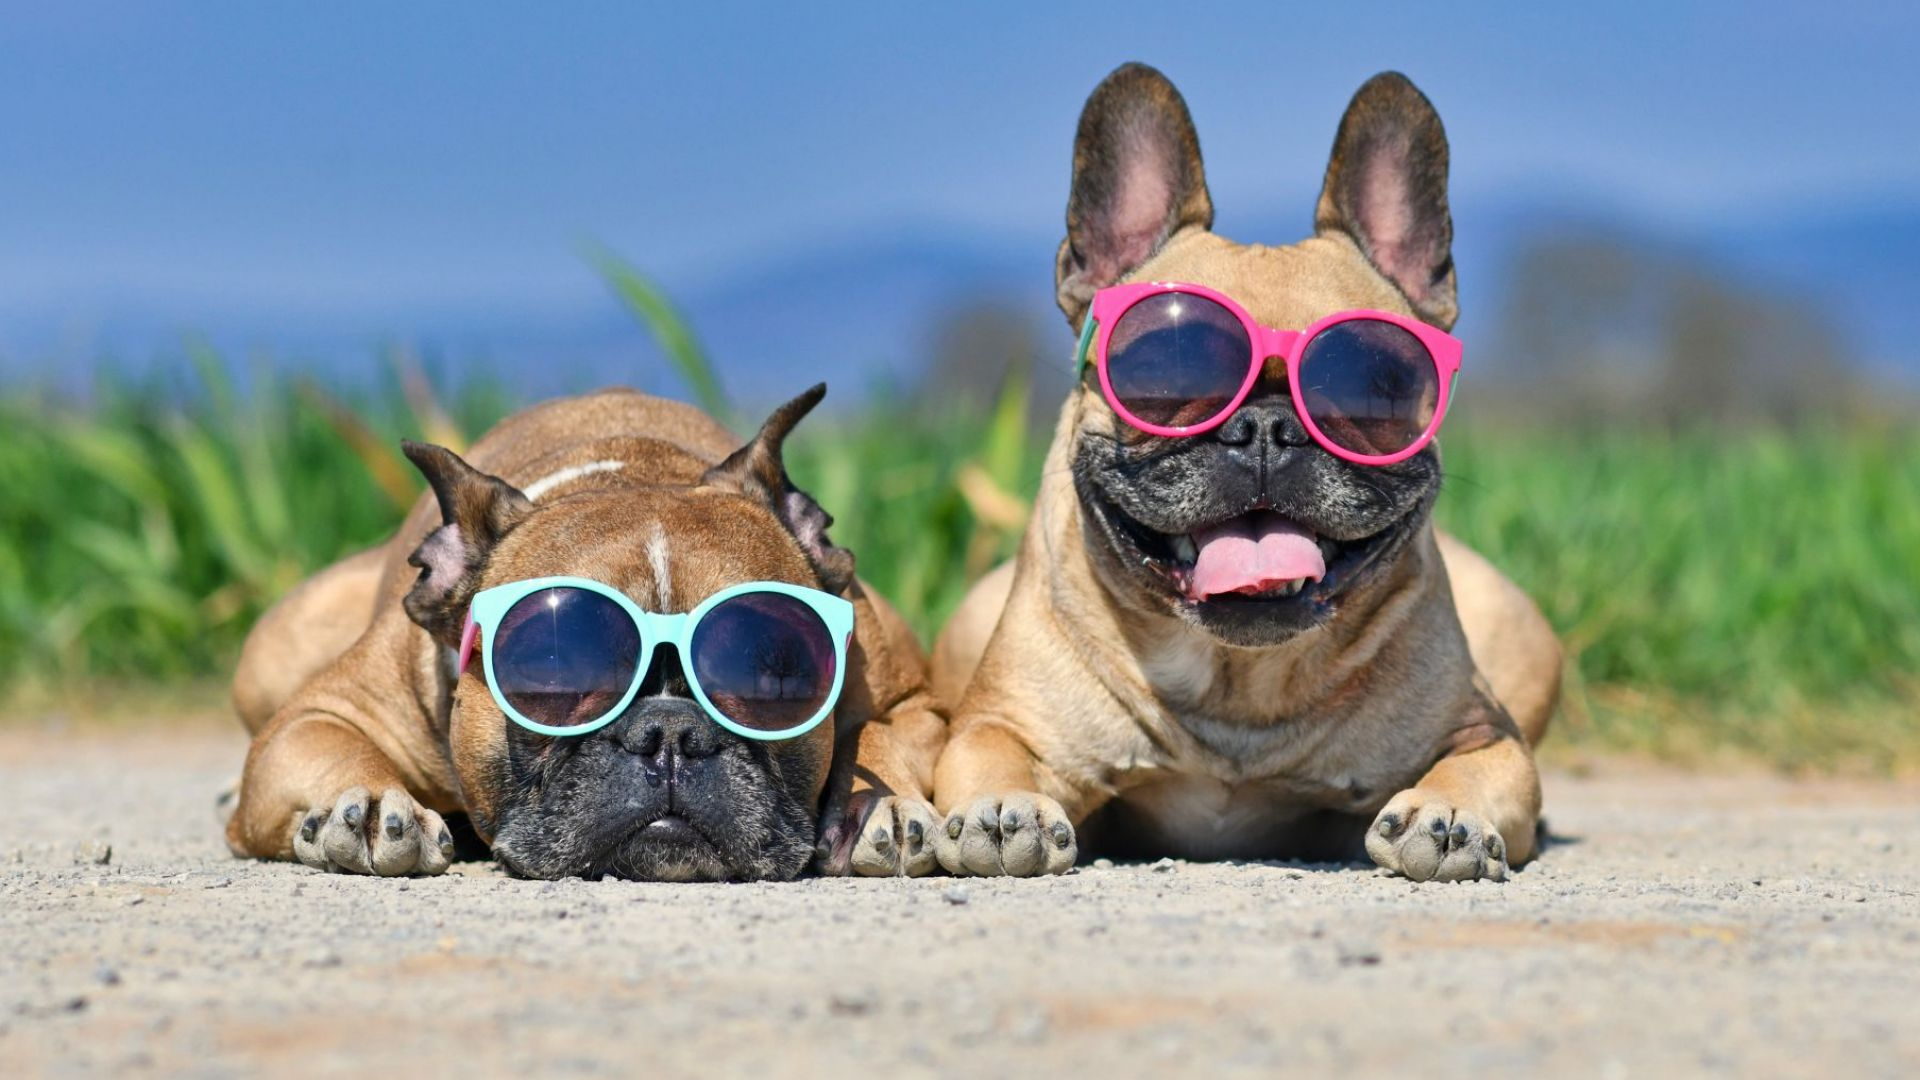 Организация PETA дава съвети как да помогнем на животните в горещите летни дни